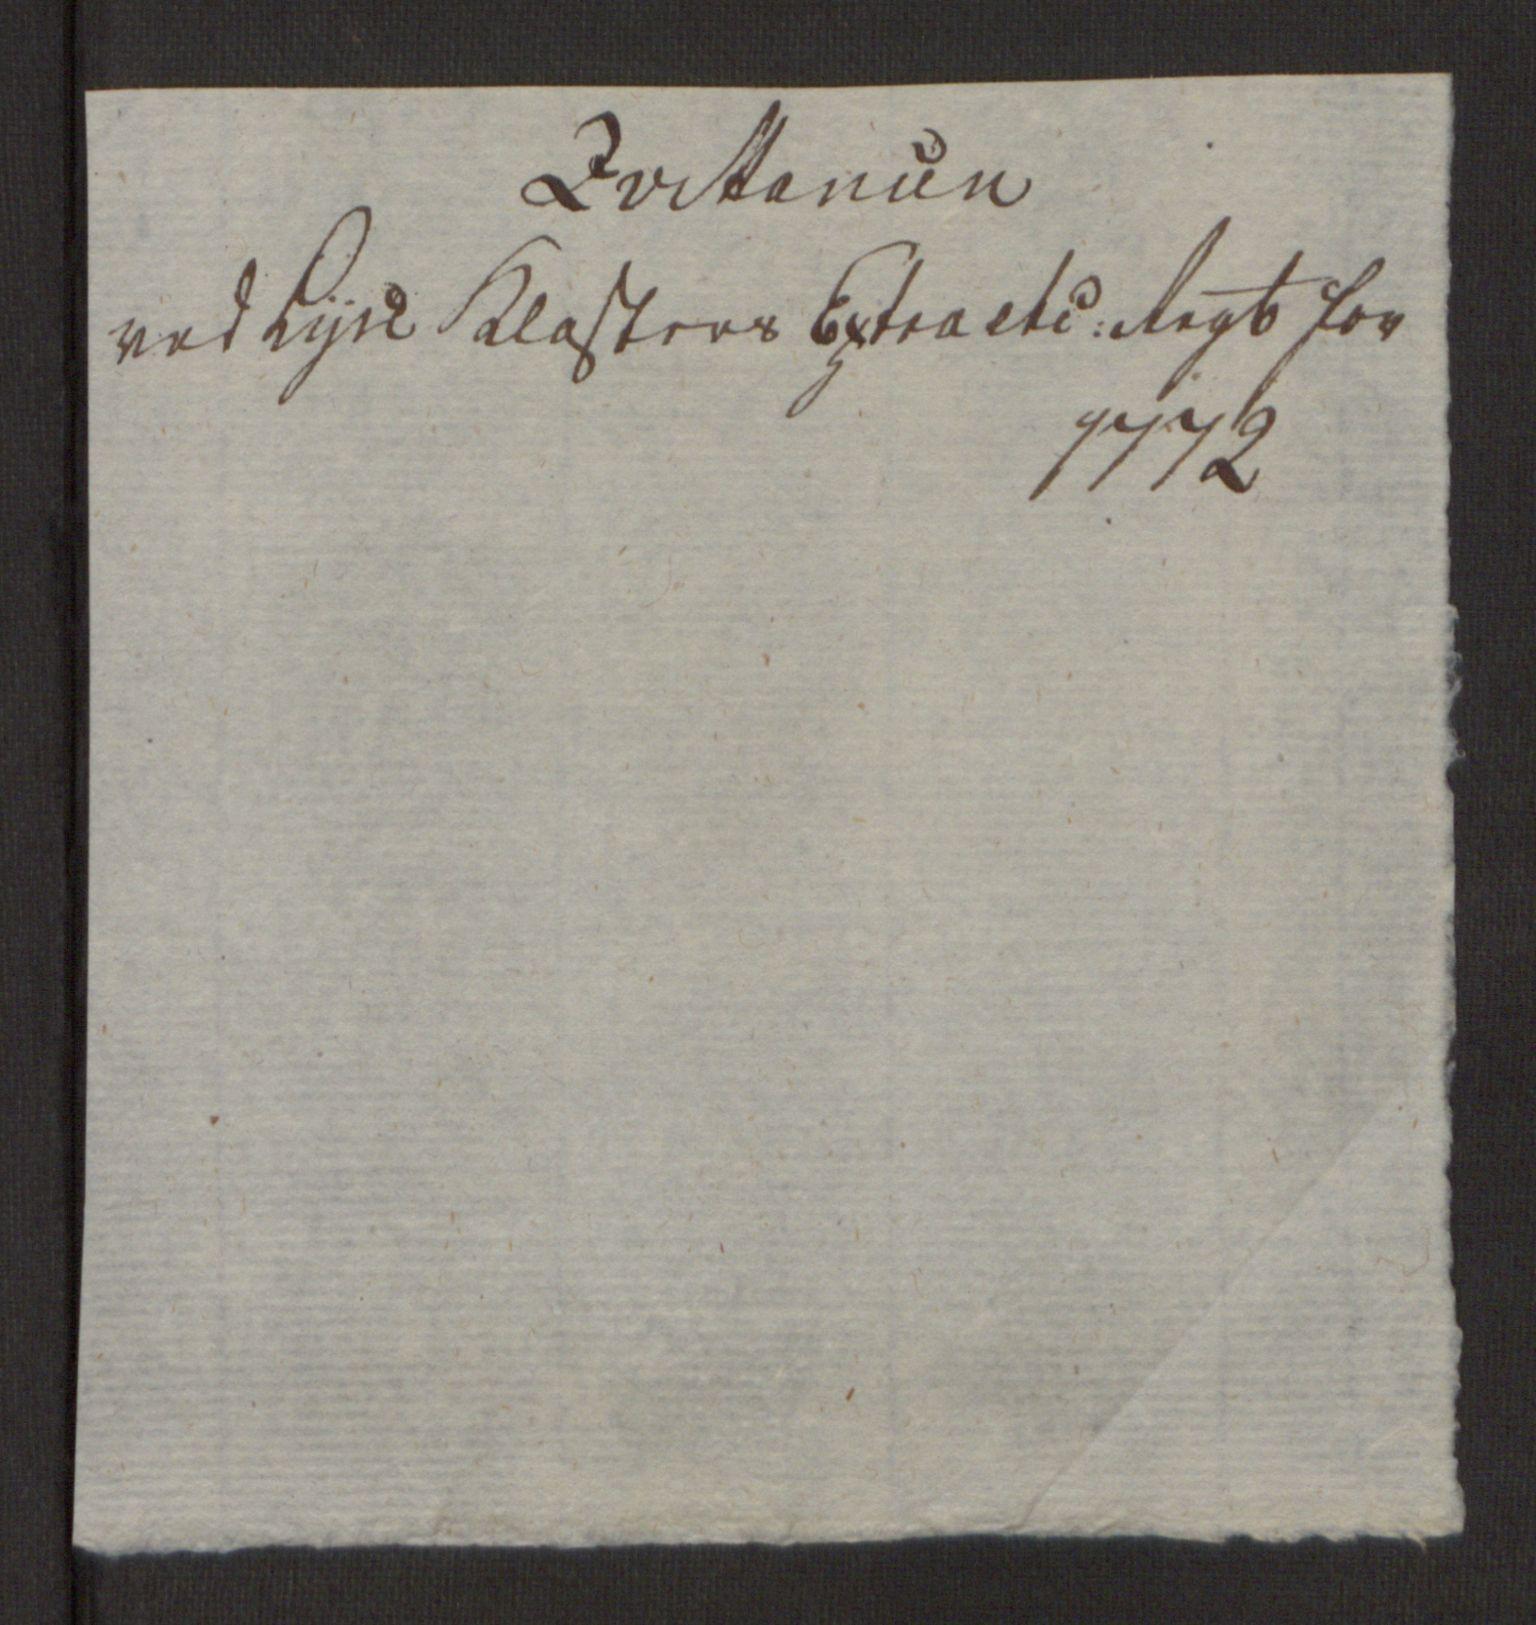 RA, Rentekammeret inntil 1814, Reviderte regnskaper, Fogderegnskap, R50/L3180: Ekstraskatten Lyse kloster, 1762-1783, s. 234